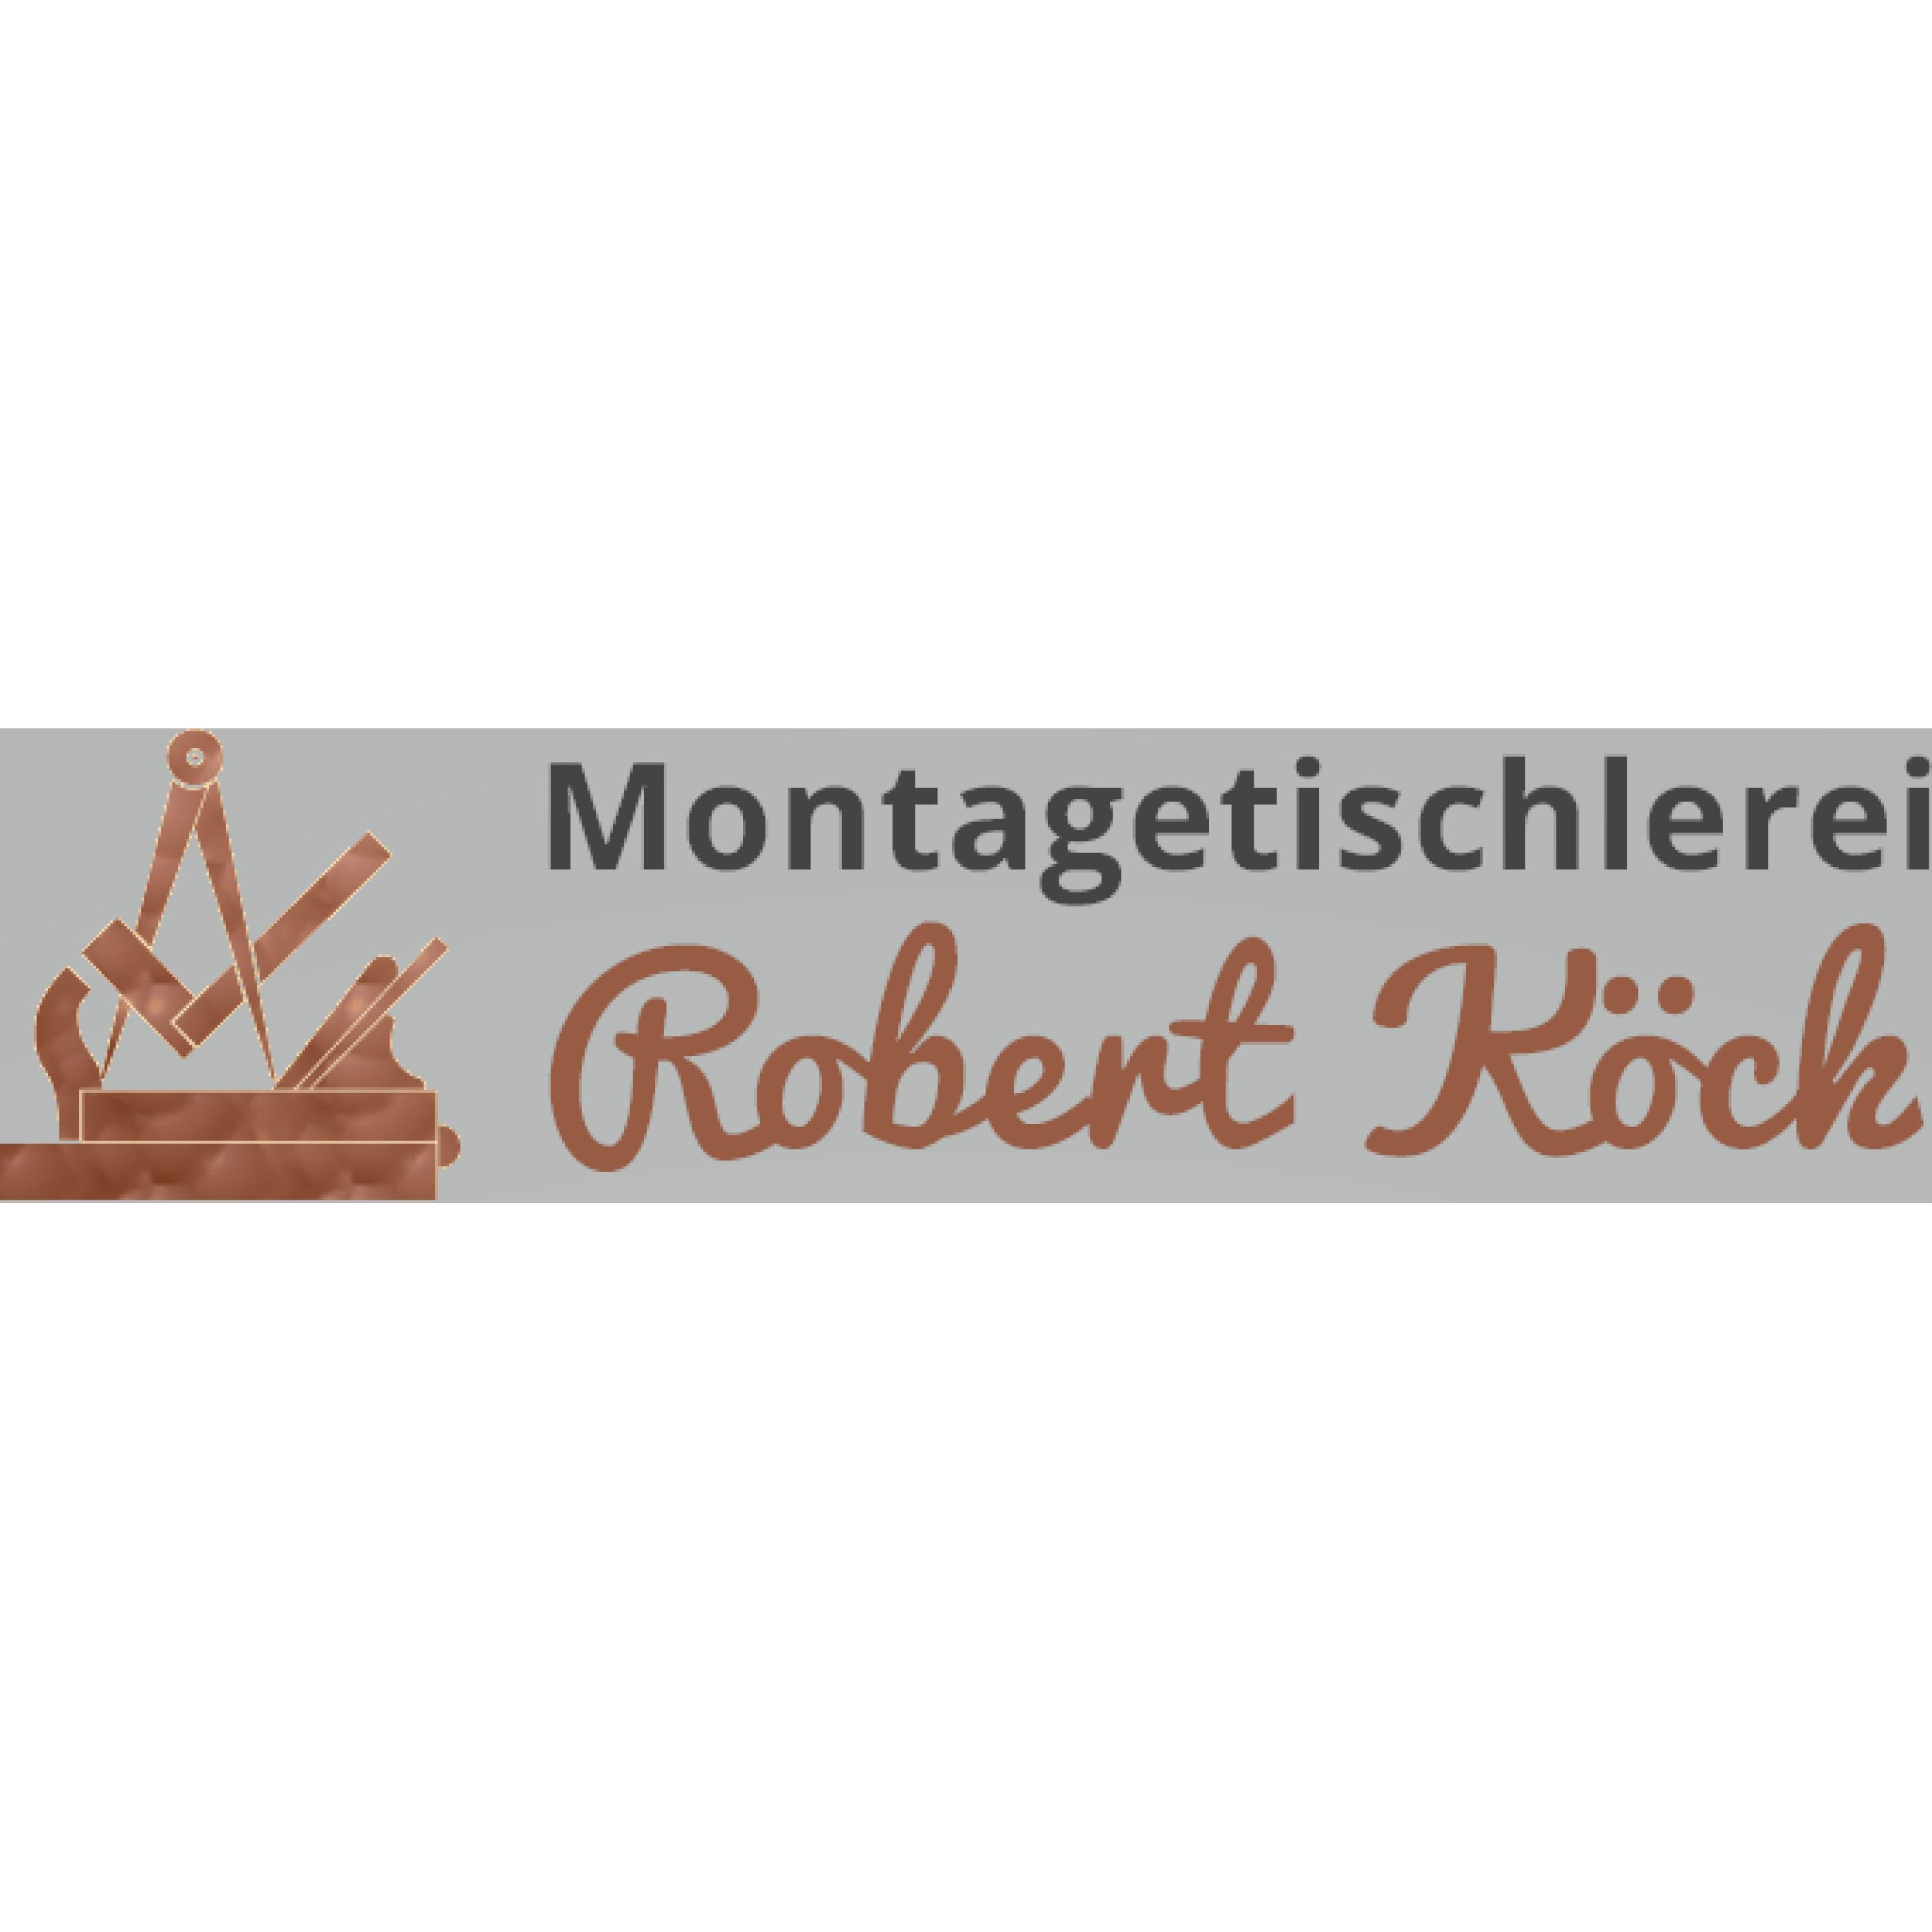 Montagetischlerei Robert Köck Meisterbetrieb